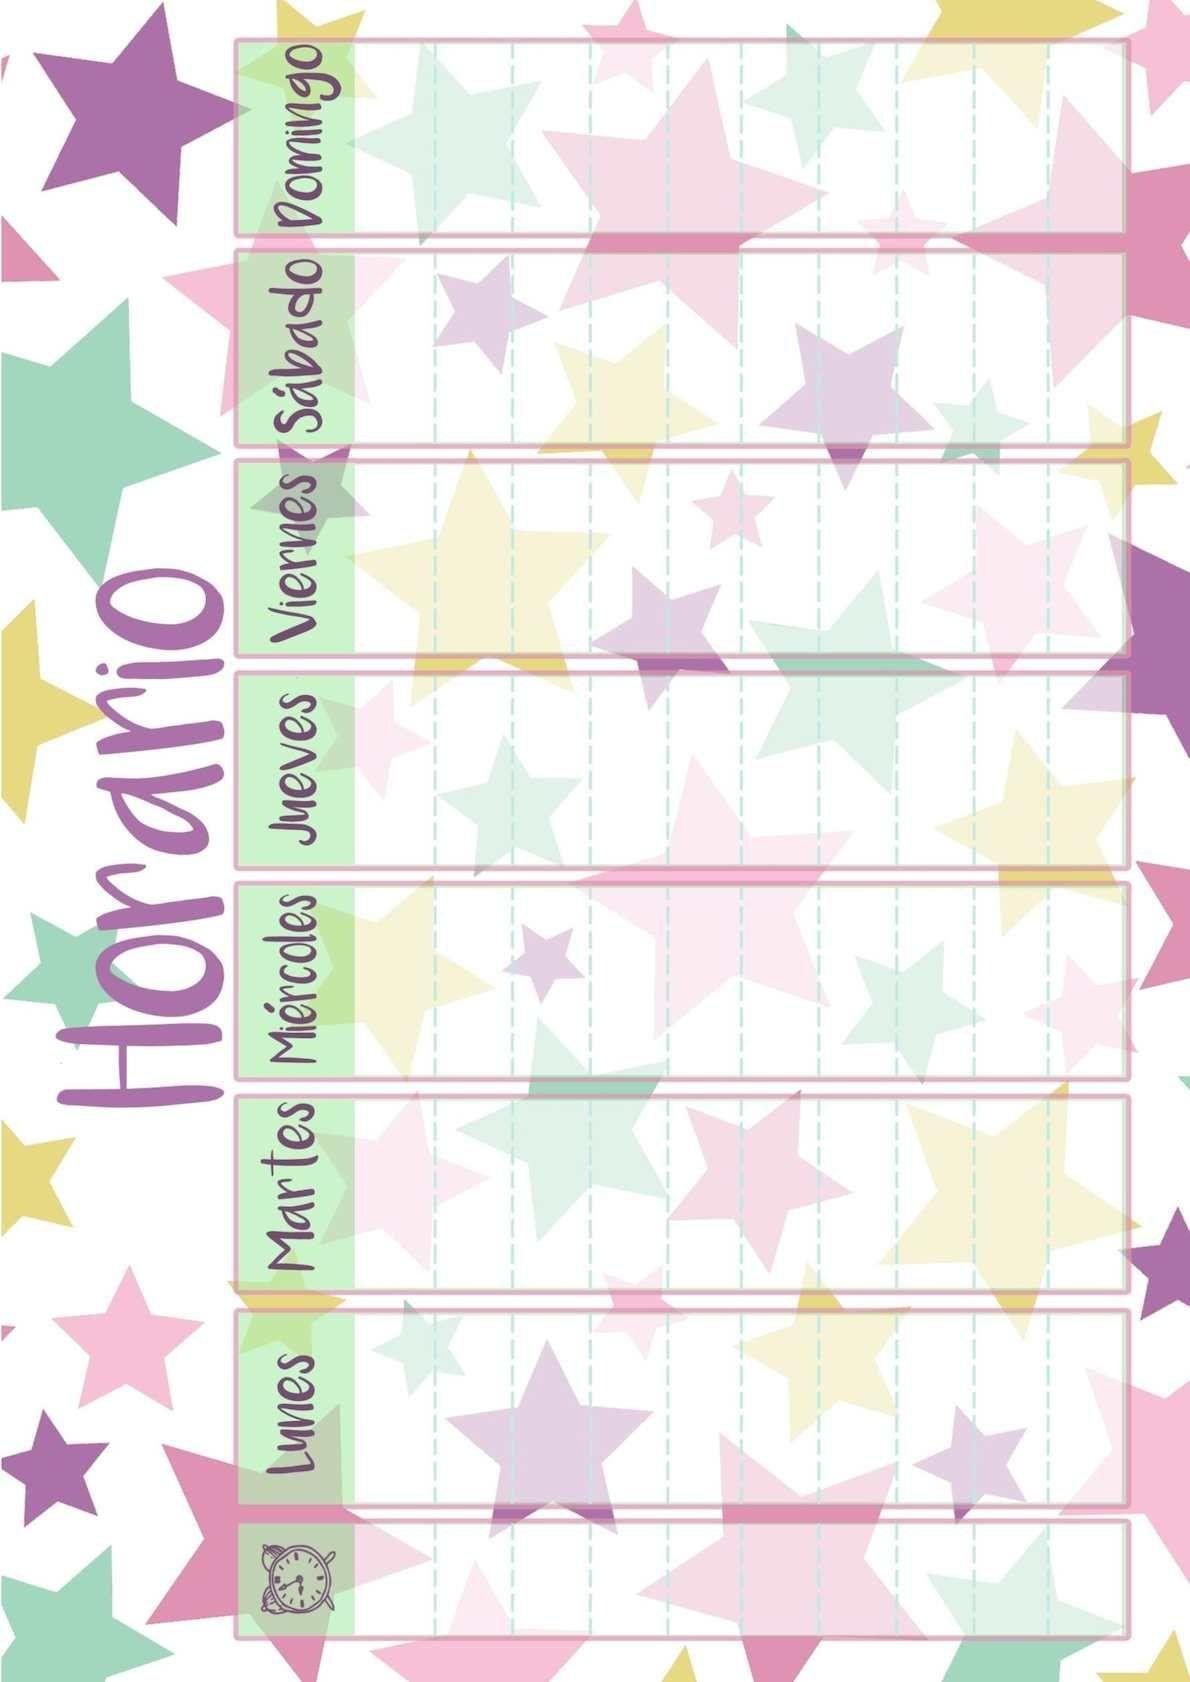 Calendario Imprimir Noviembre Recientes Pack Descargable Planifica Tu A±o 2016 Planificador Of Calendario Imprimir Noviembre Más Populares Es Calendarios Para Imprimir 2017 Noviembre